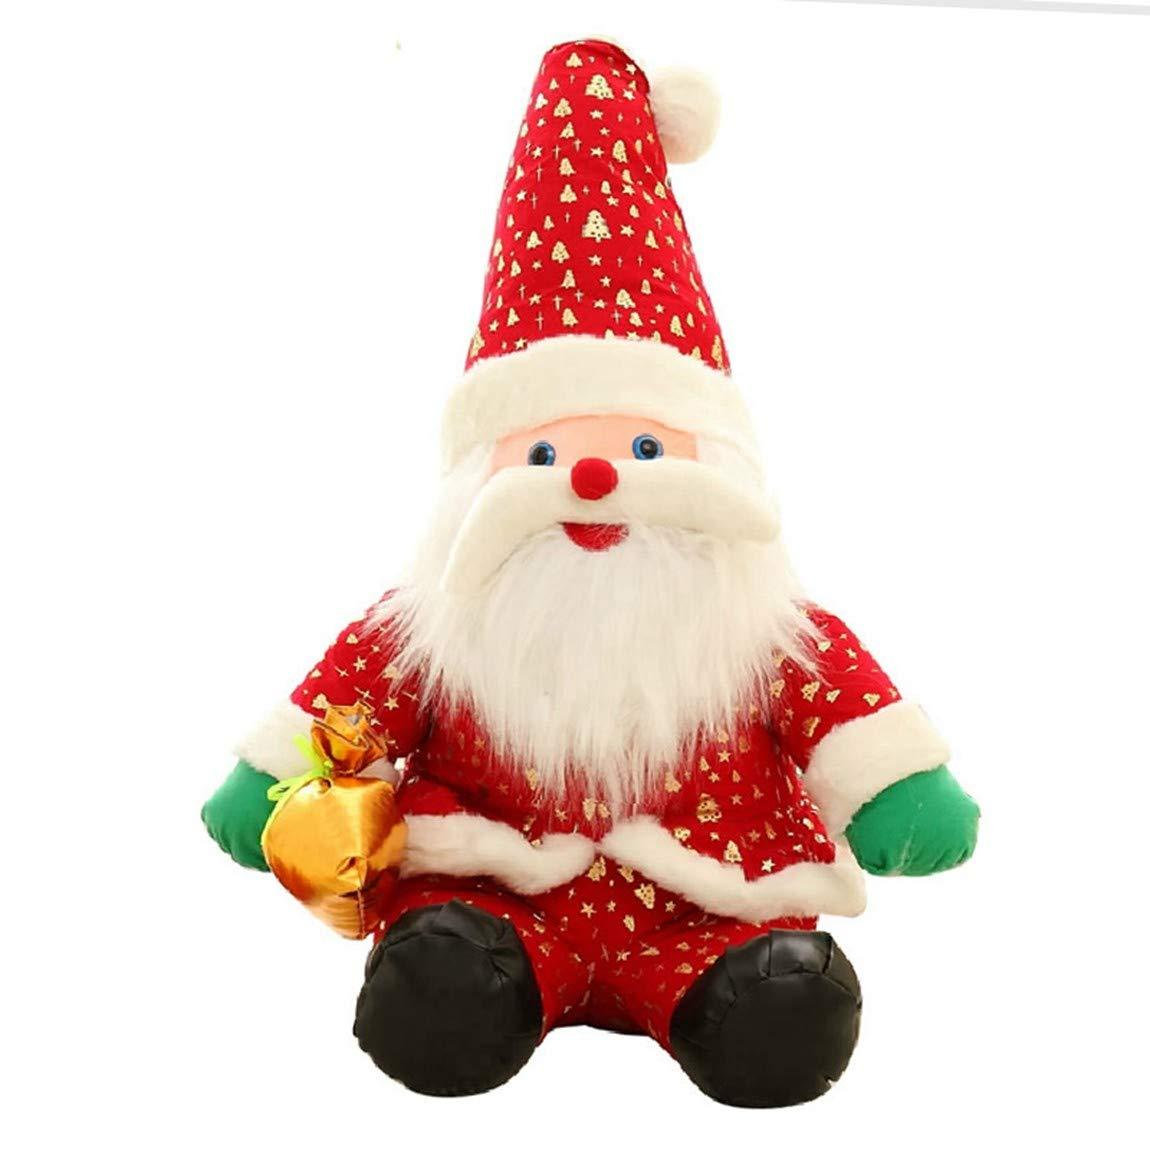 Naughty baby Santa Claus Doll Puppe Plüsch Spielzeug Weihnachten Geschenk Puppe Ornamente Mädchen Weihnachtsgeschenke Zu Senden, 20 Cm B07K6KTCHD Stoffspielzeug Guter Markt | Modern Und Elegant In Der Mode